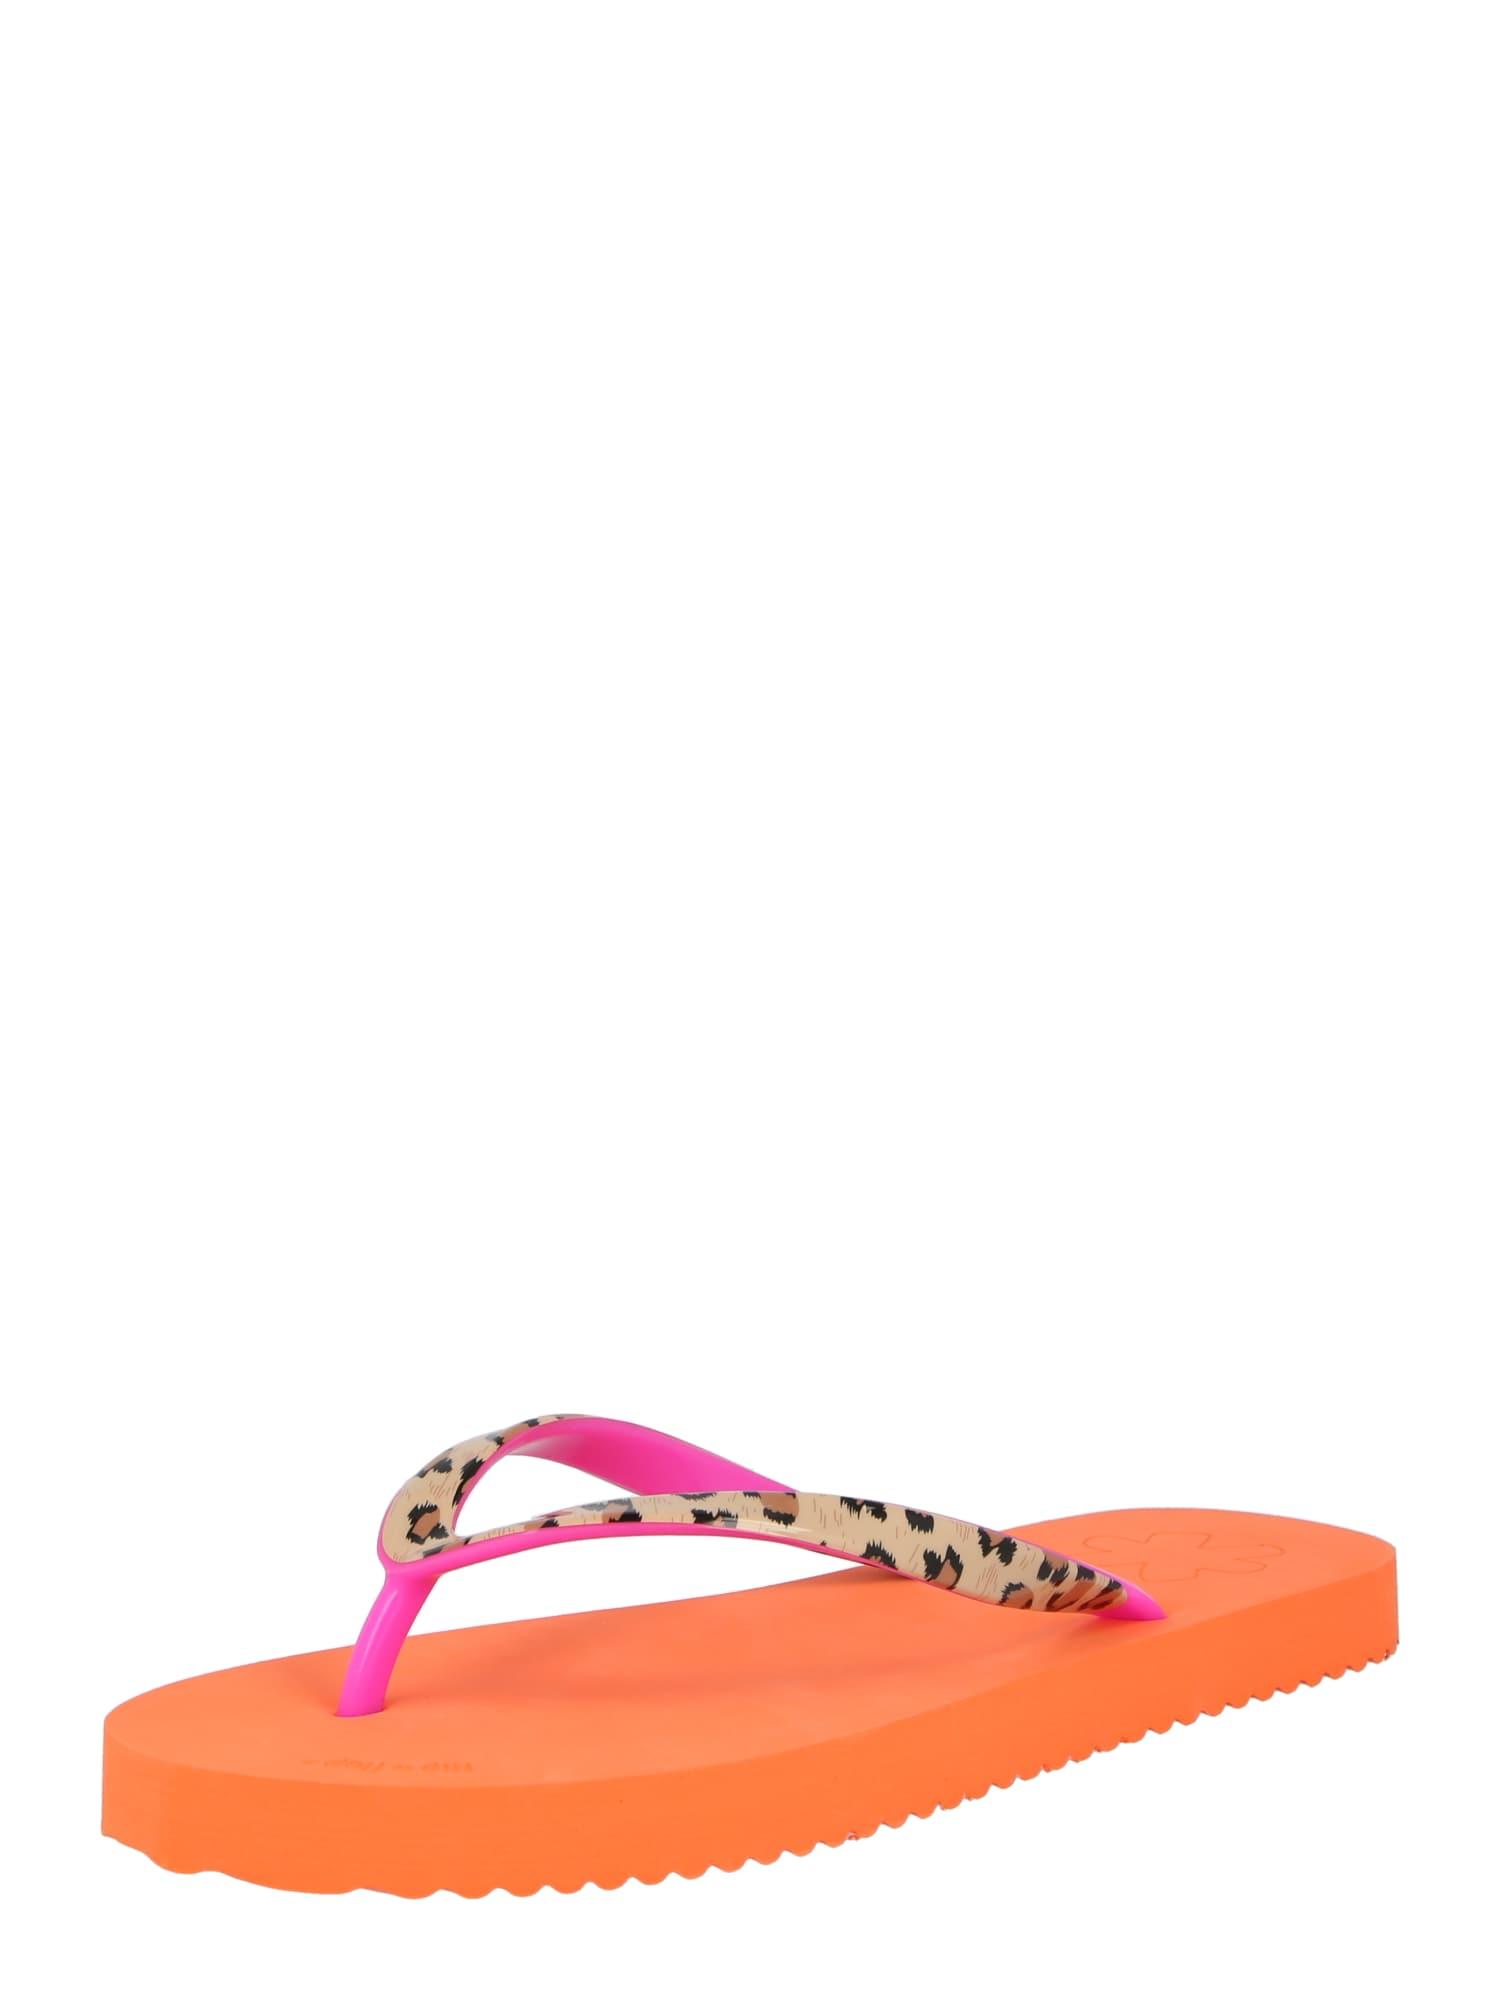 FLIP*FLOP Séparateur d'orteils 'Easy'  - Orange - Taille: 38 - female